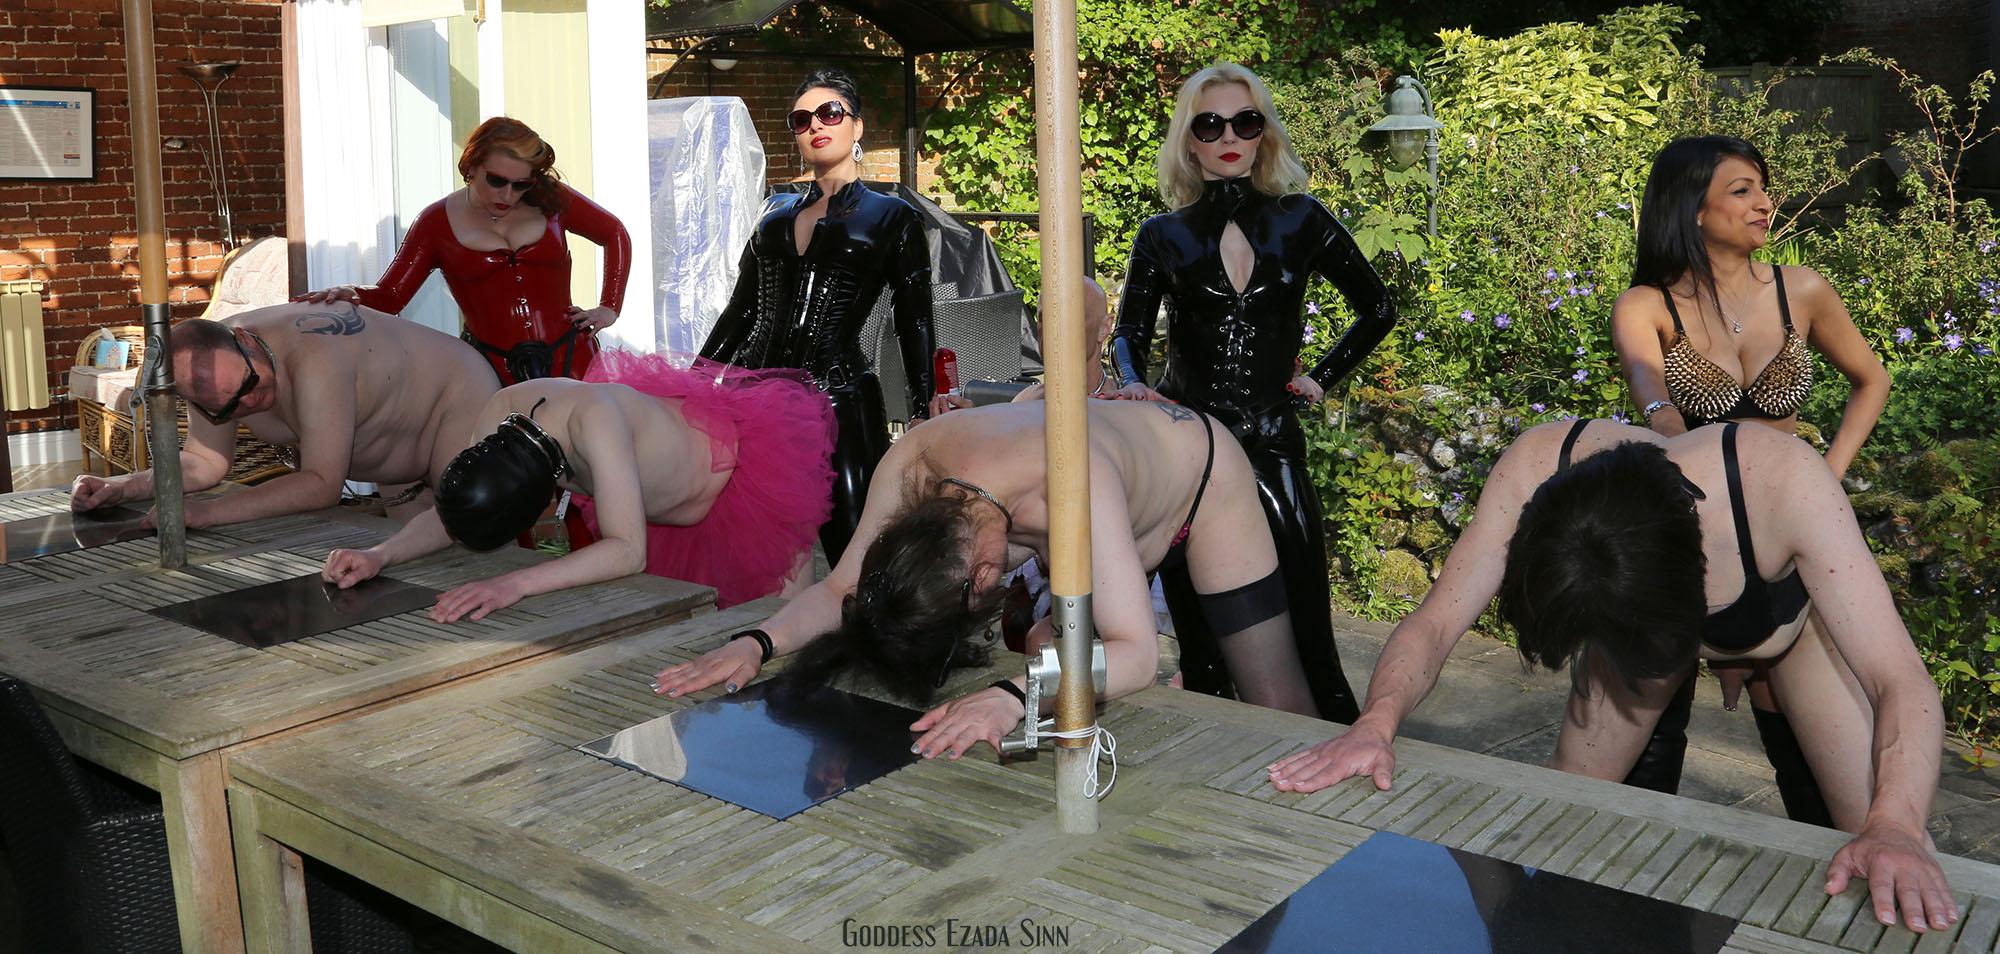 Female orgy